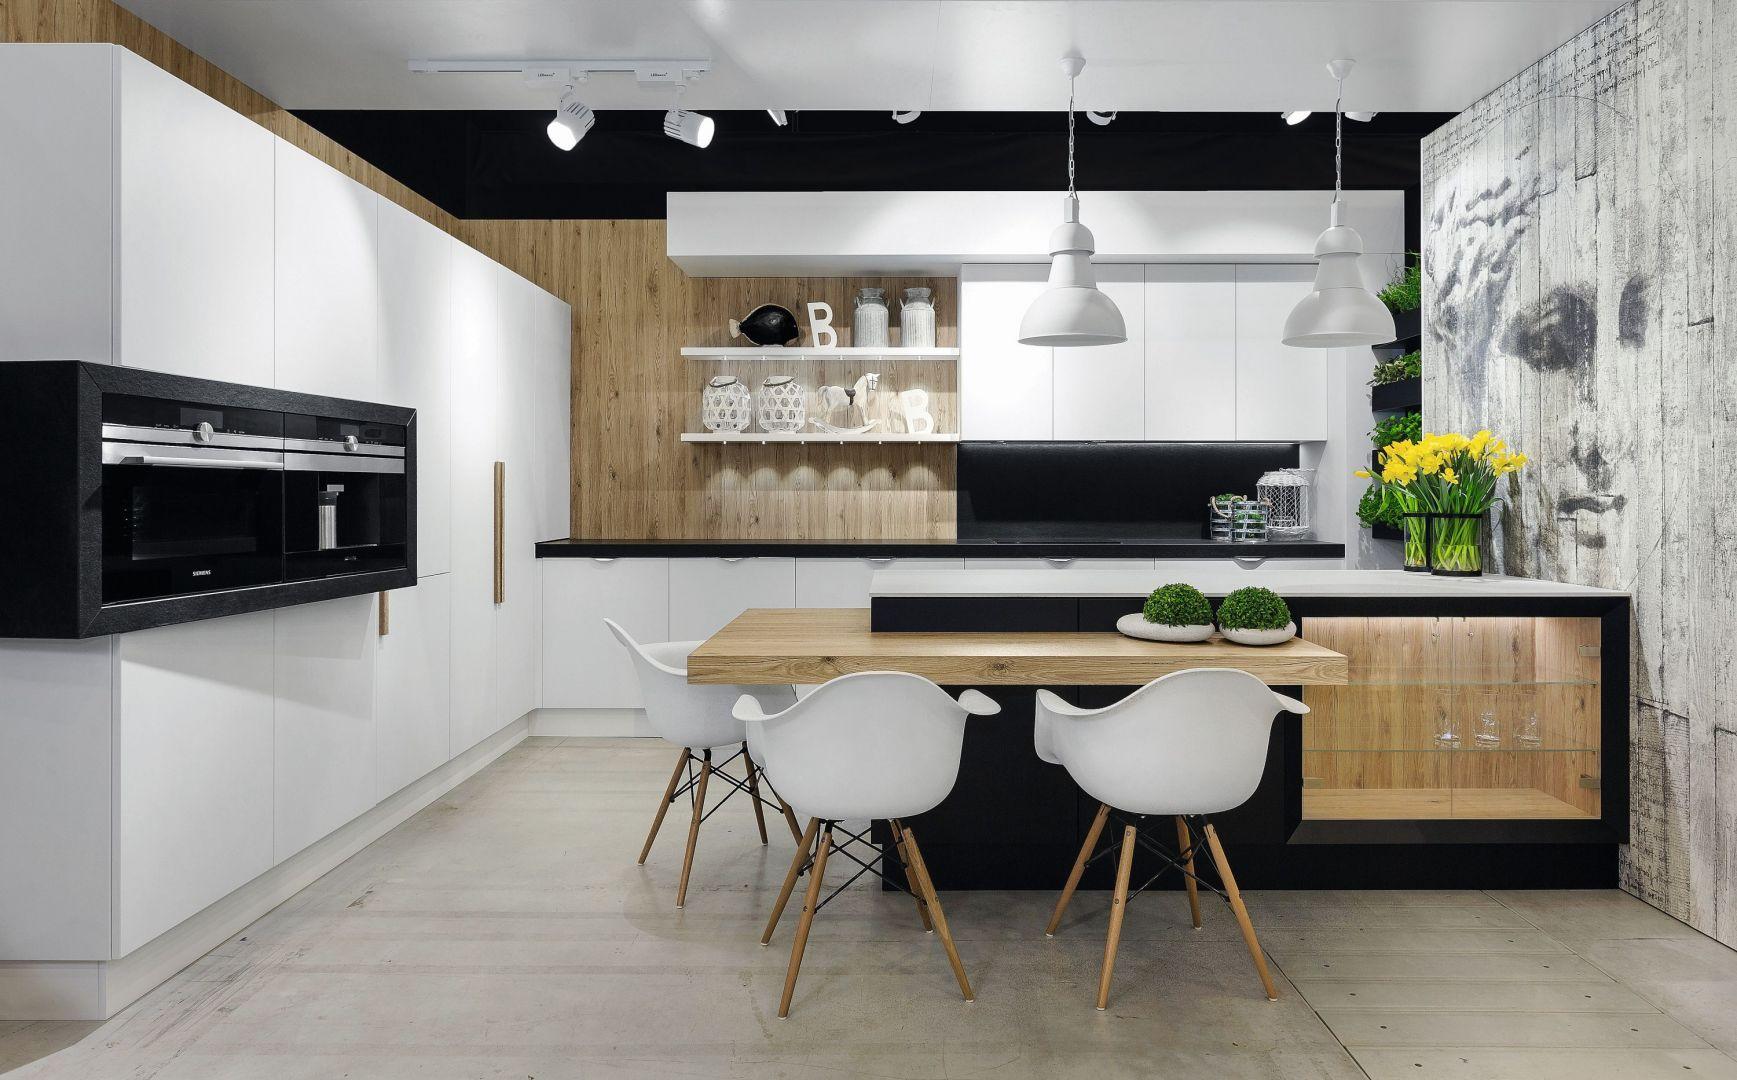 Drewno stanowi znaczące tło dla białej zabudowy kuchennej. Projekt Vigo Meble. Fot. Artur Krupa